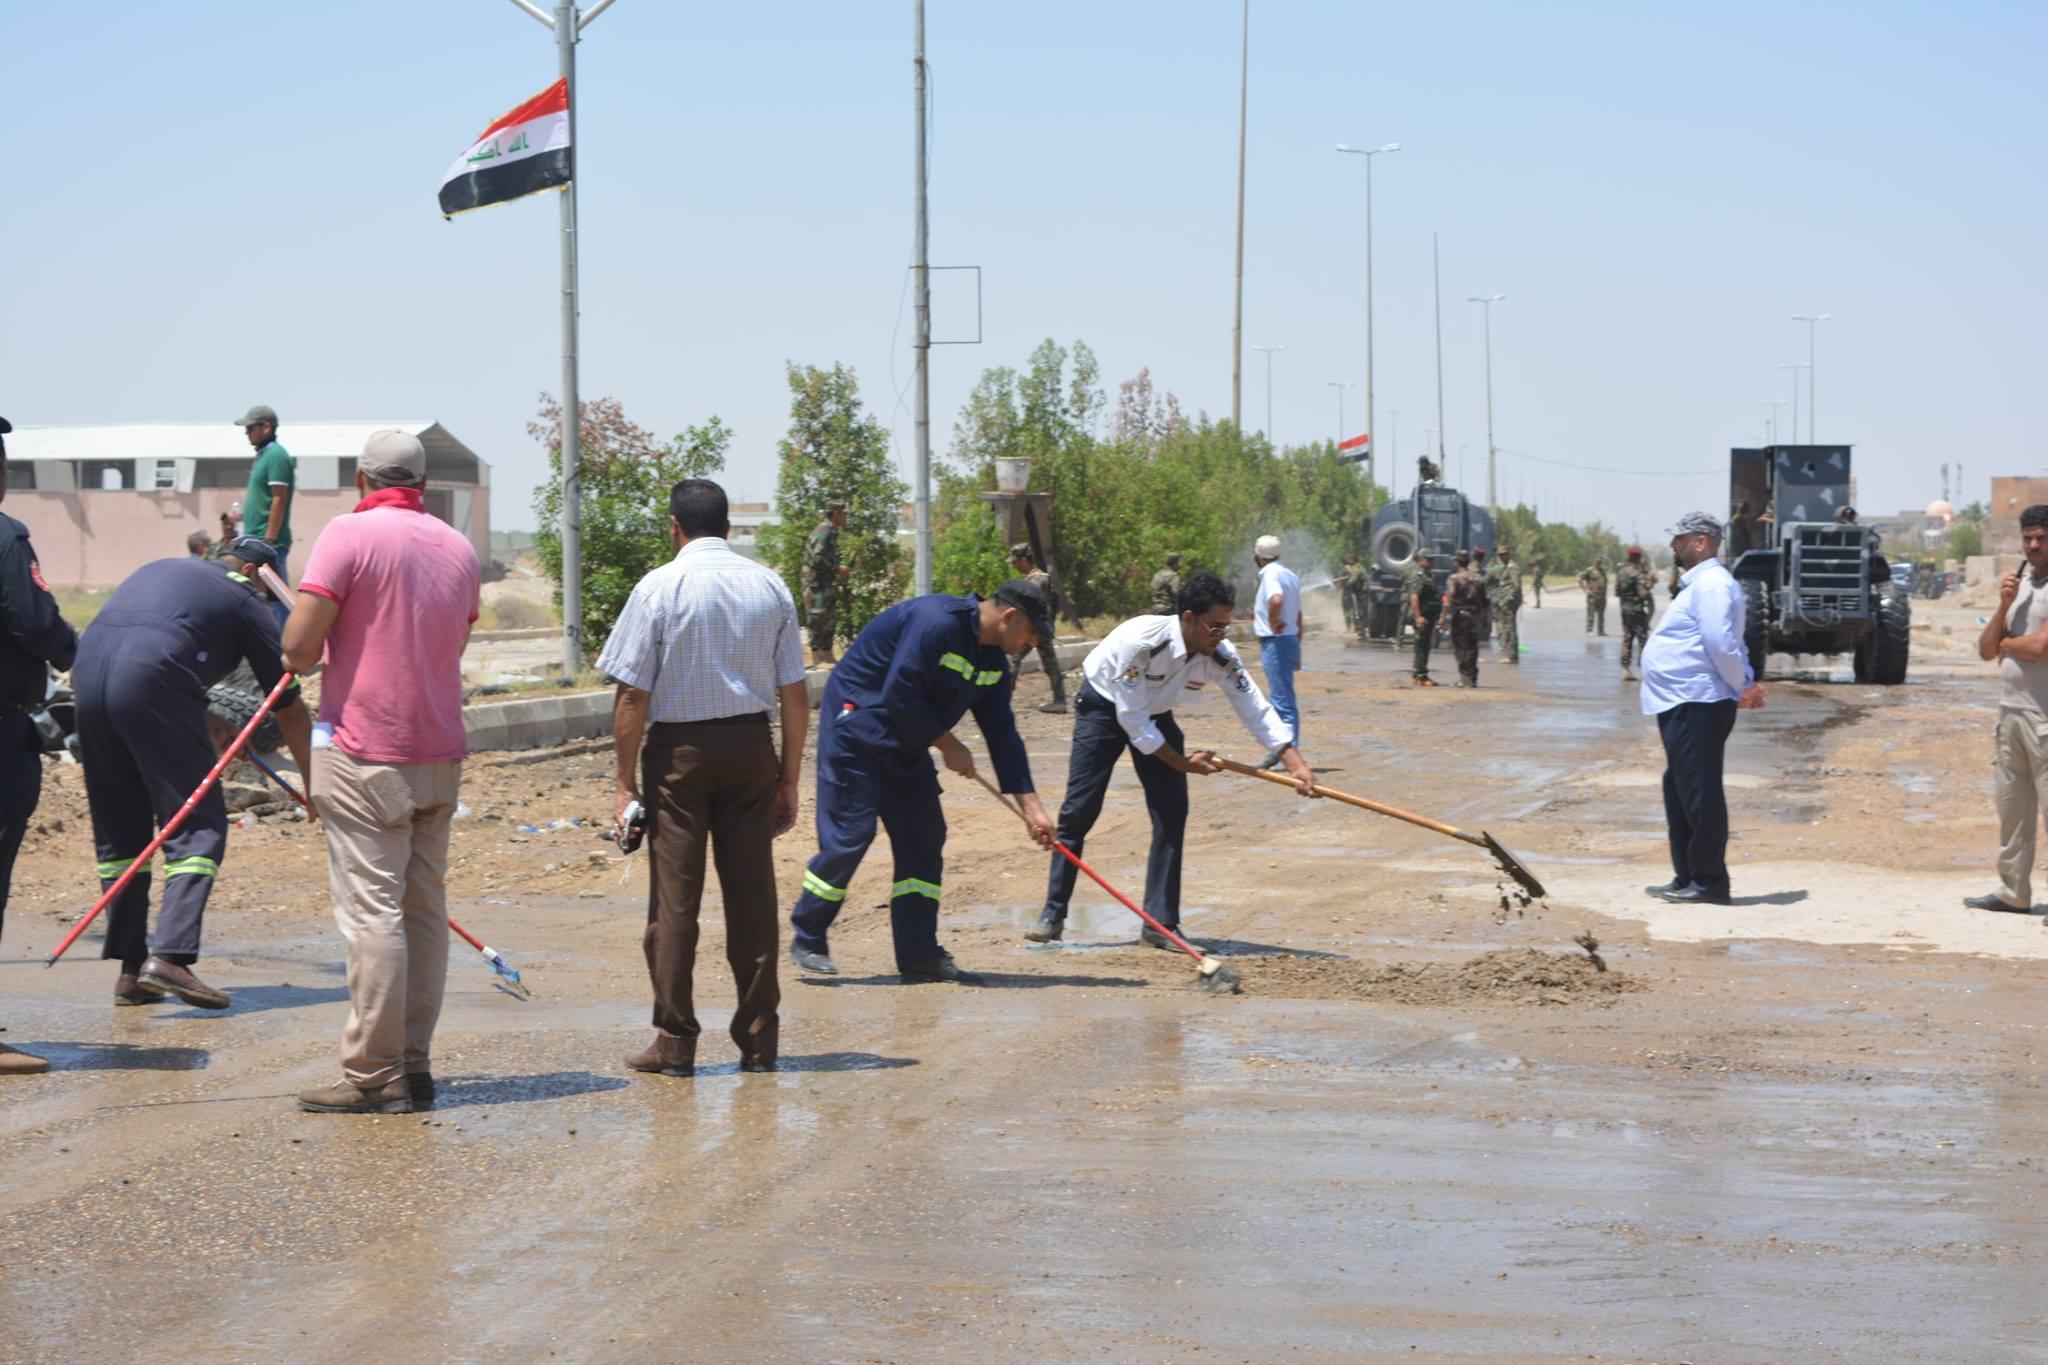 شاهد بالصور: حملة واسعة لتنظيف الفلوجة